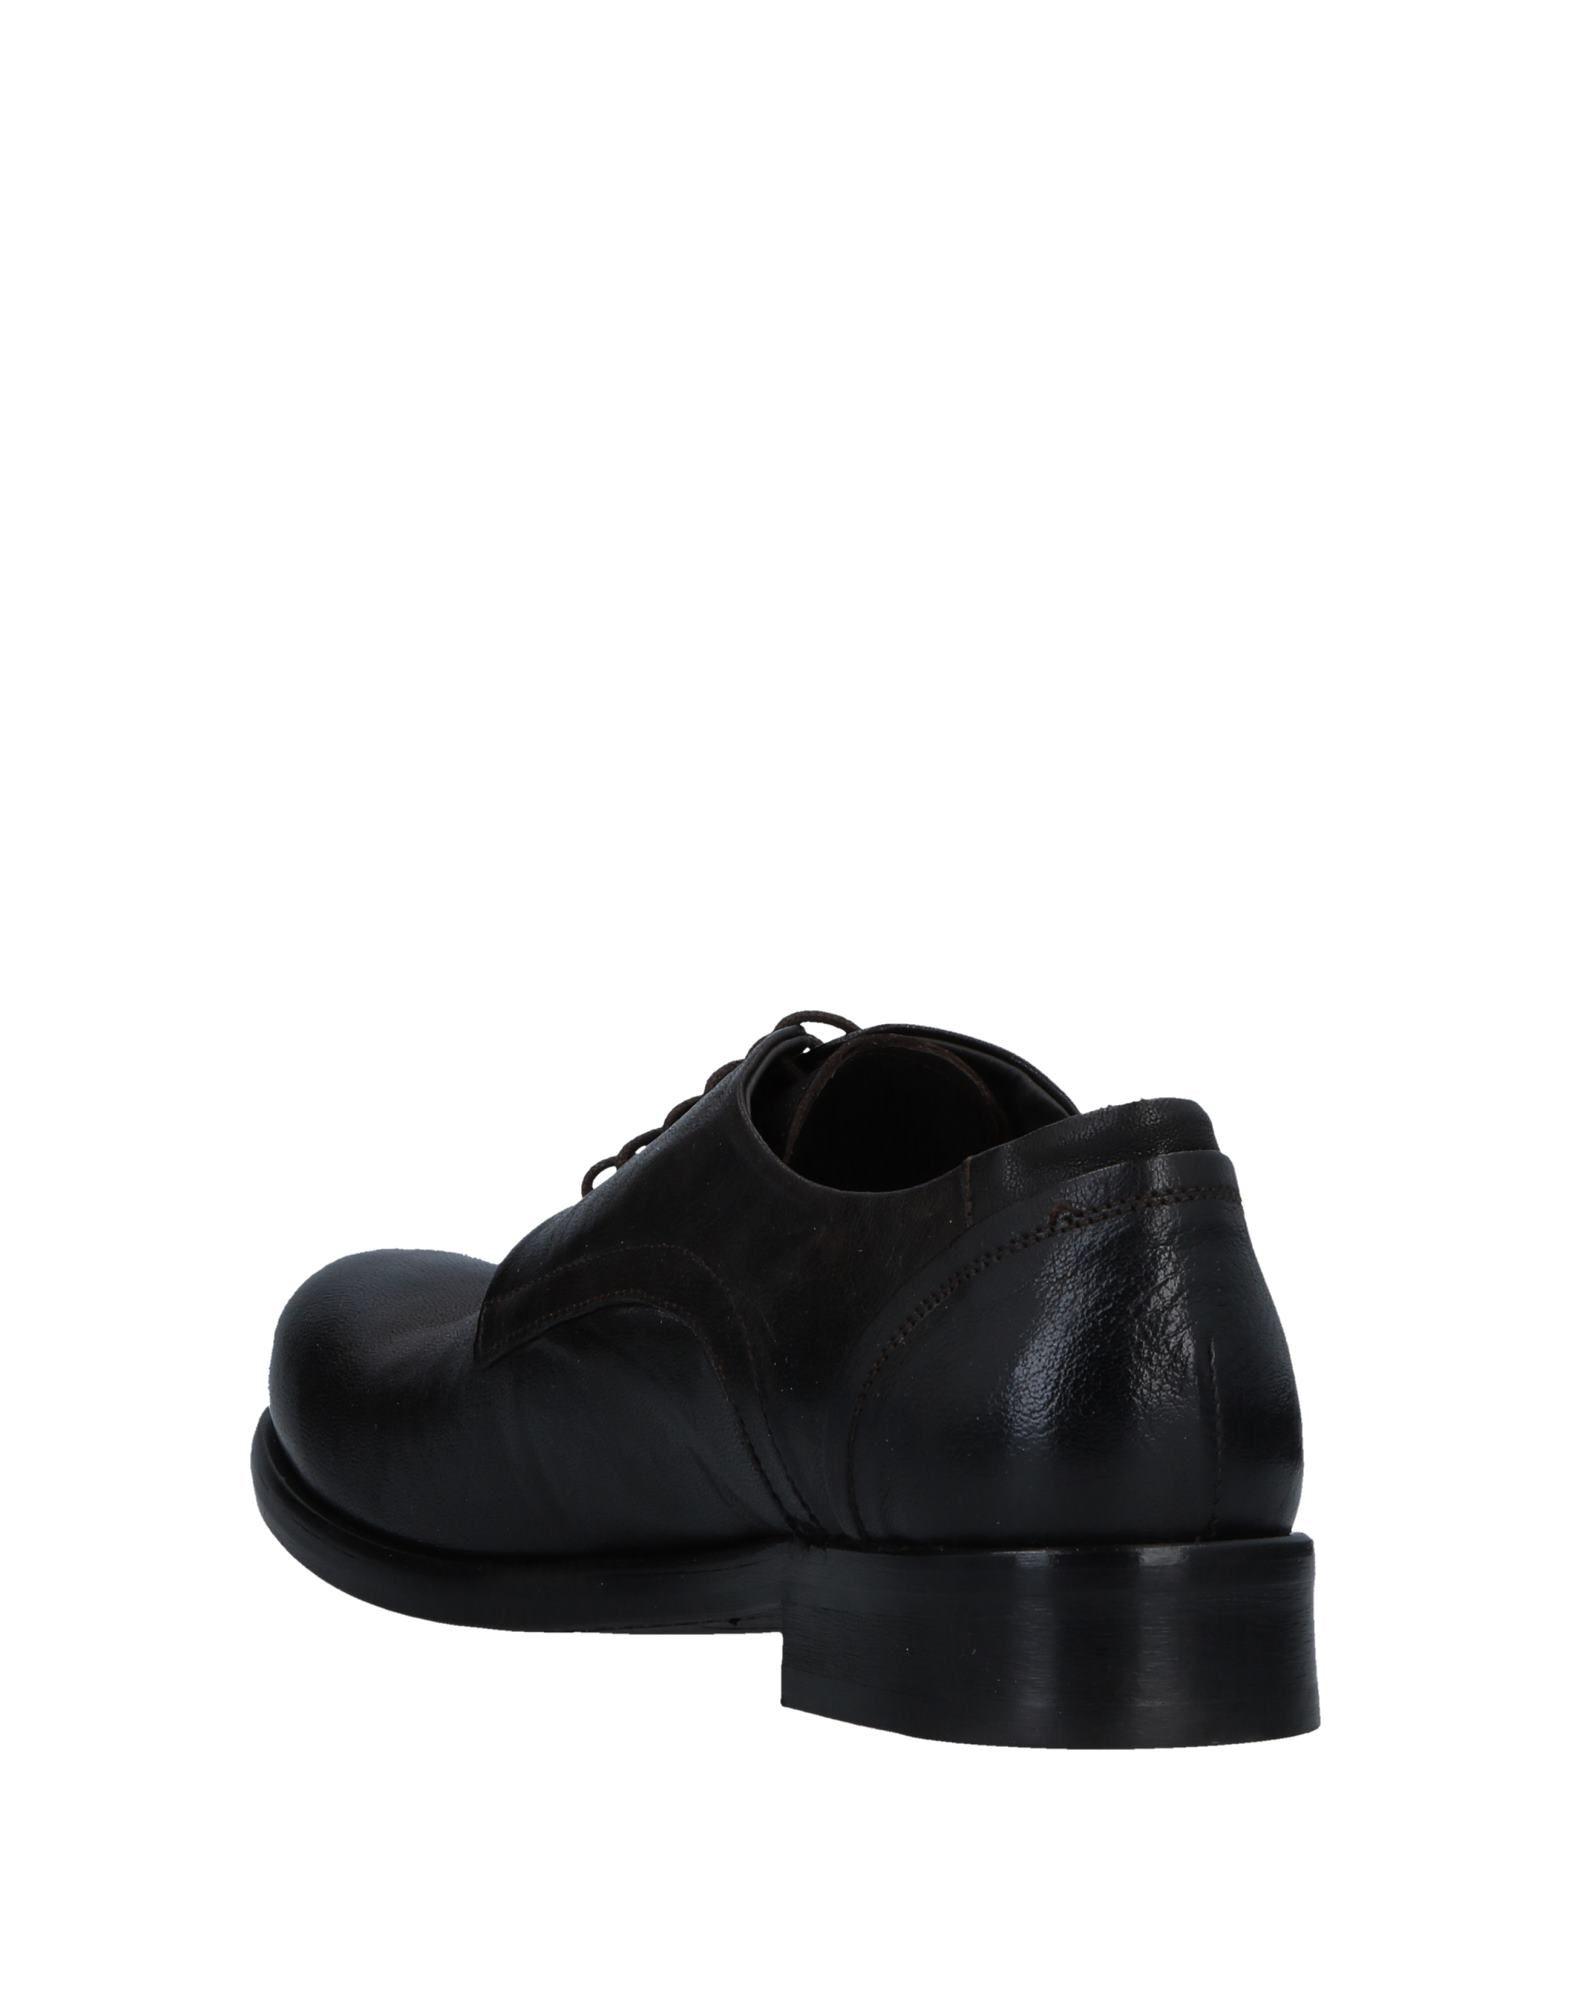 Savio Barbato Schnürschuhe Herren  11535388HJ Gute Qualität beliebte Schuhe